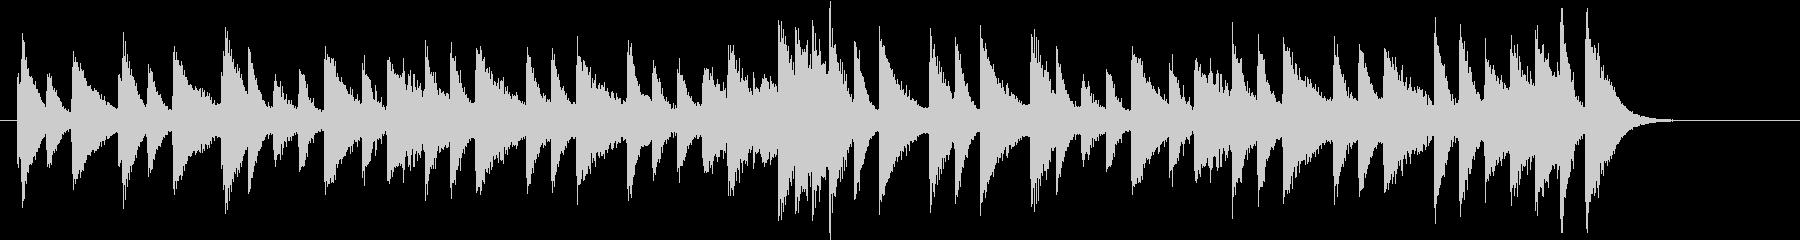 ジングルベルモチーフのピアノジングルAの未再生の波形